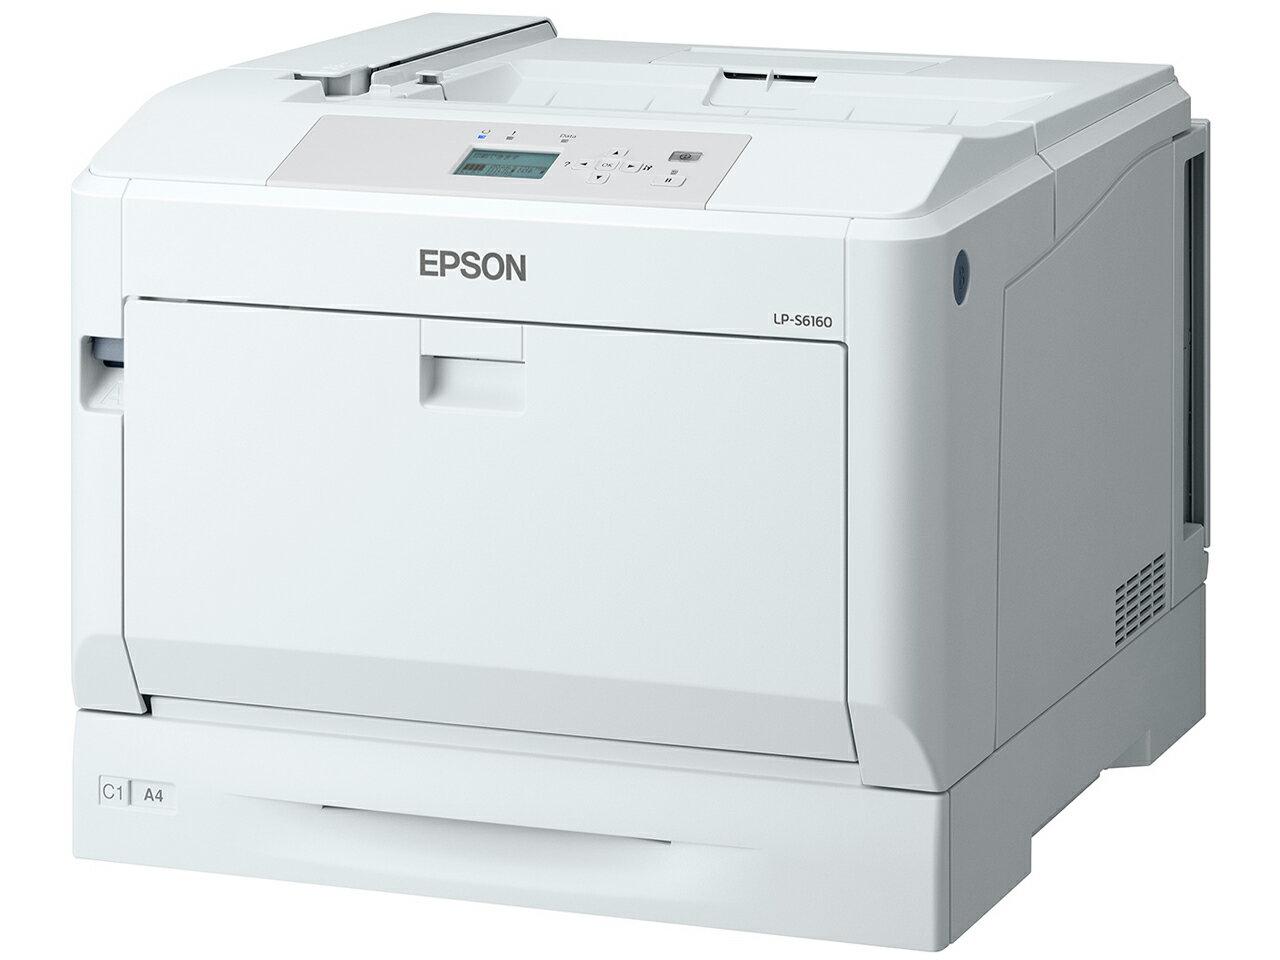 【新品】EPSON LP-S6160【A3カラープリンタ】※大容量リサイクルカートリッジ付